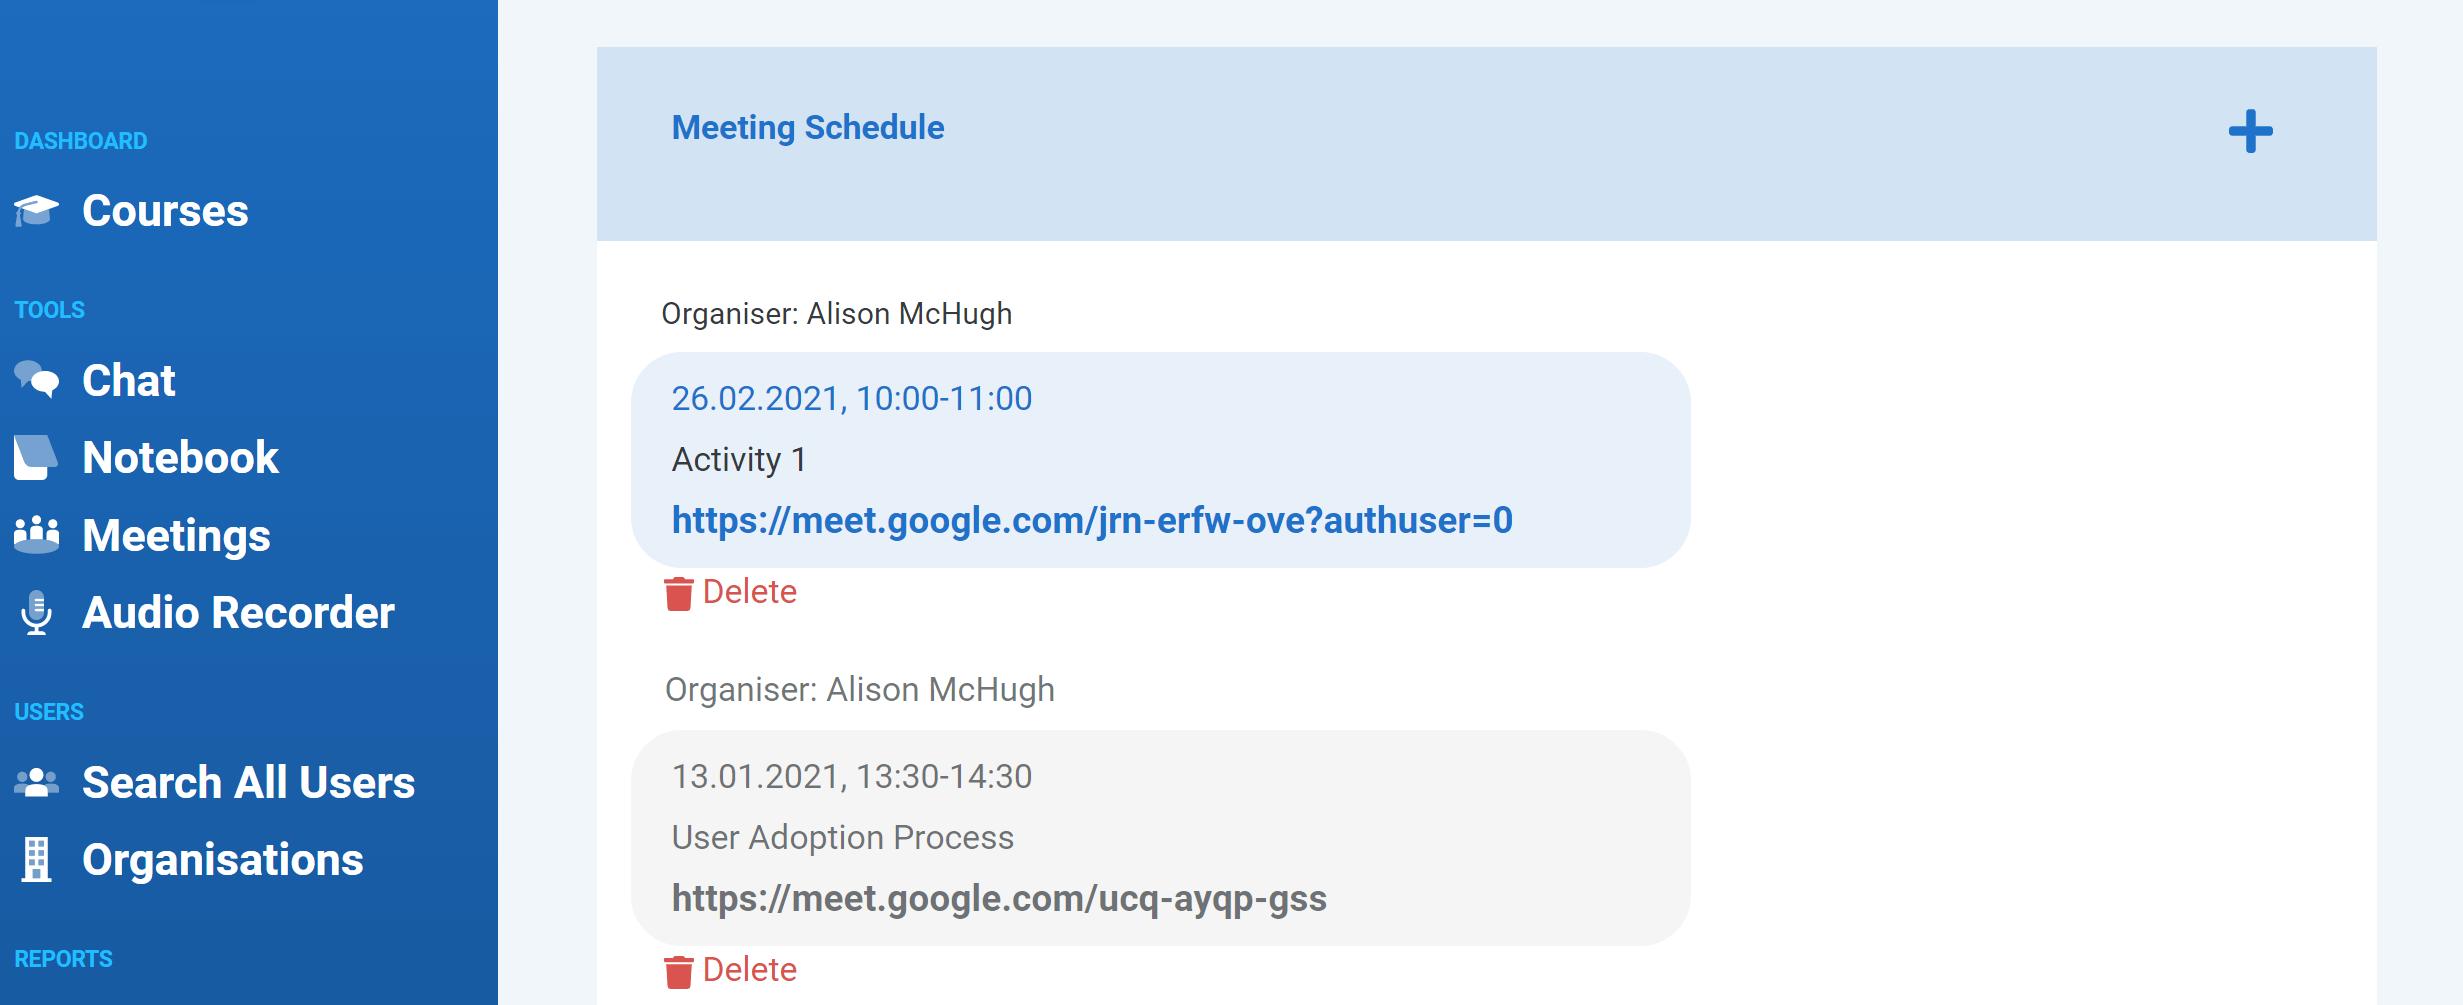 Klik2learn online class meeting schedule